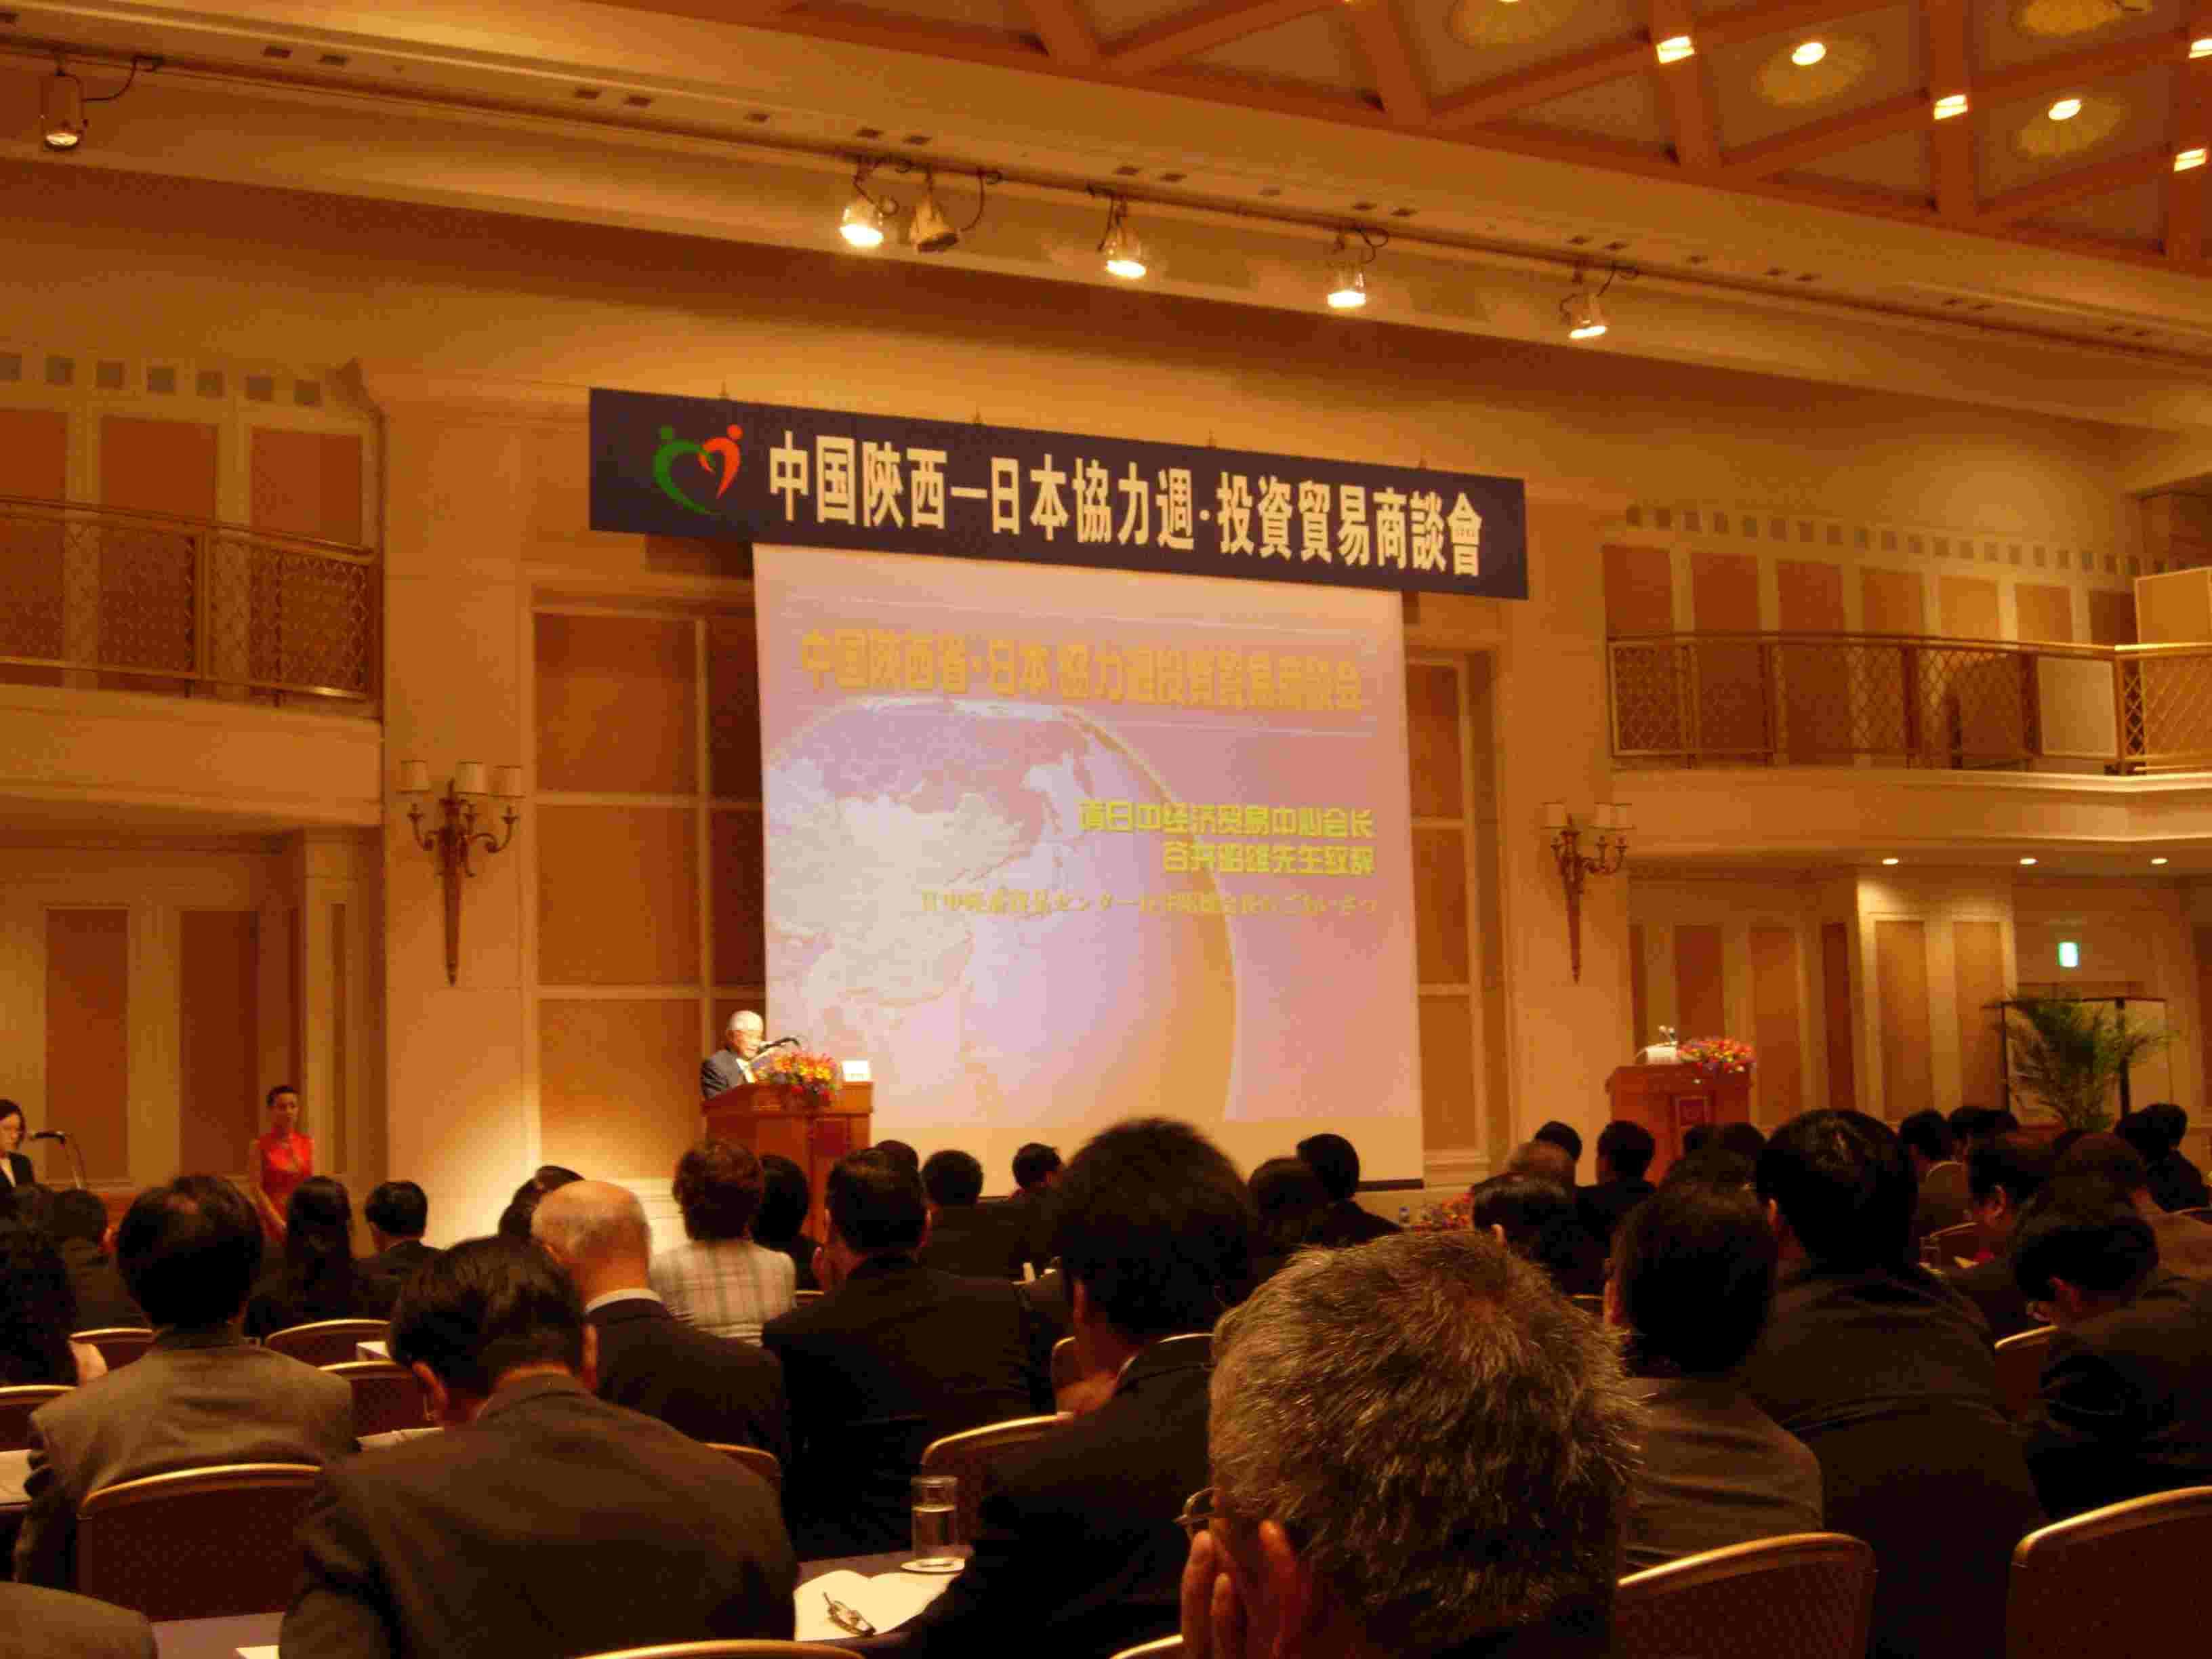 080523shanxi_seminar.JPG